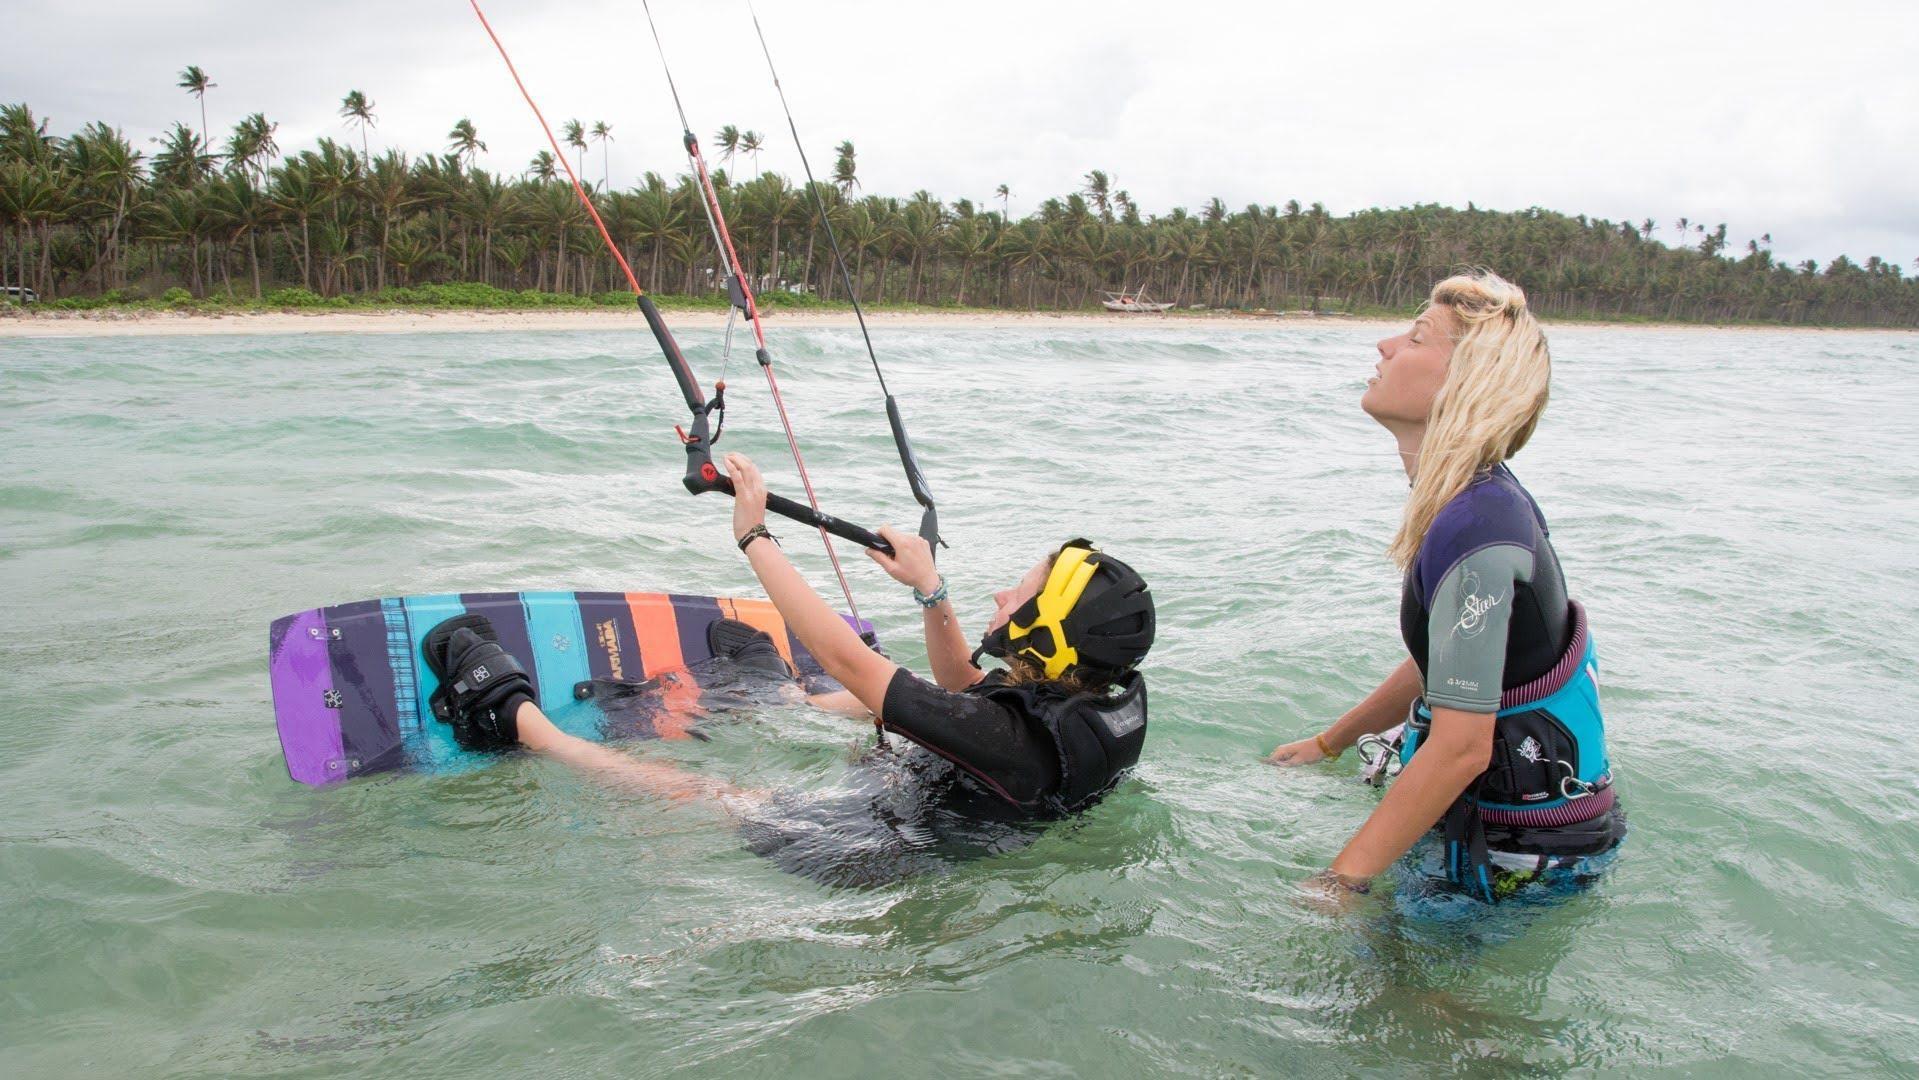 Obnovitveni tečaj kajtanja na Filipinih